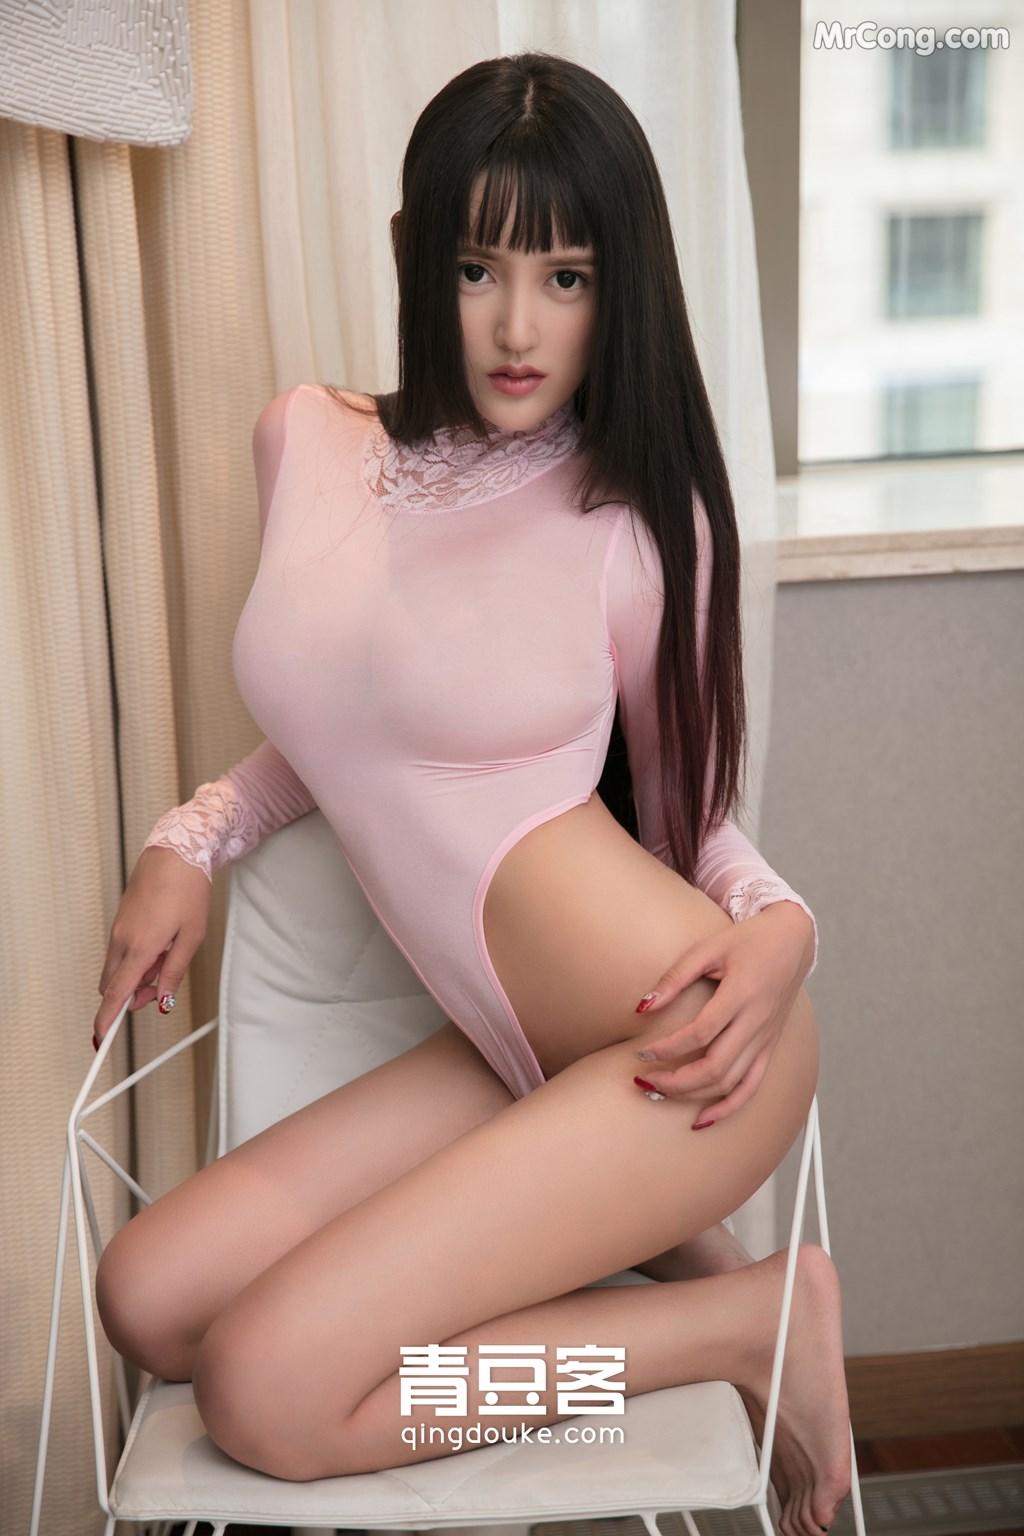 Image QingDouKe-2017-11-16-Bai-Yi-Han-MrCong.com-006 in post QingDouKe 2017-11-16: Người mẫu Bai Yi Han (白一晗) (51 ảnh)